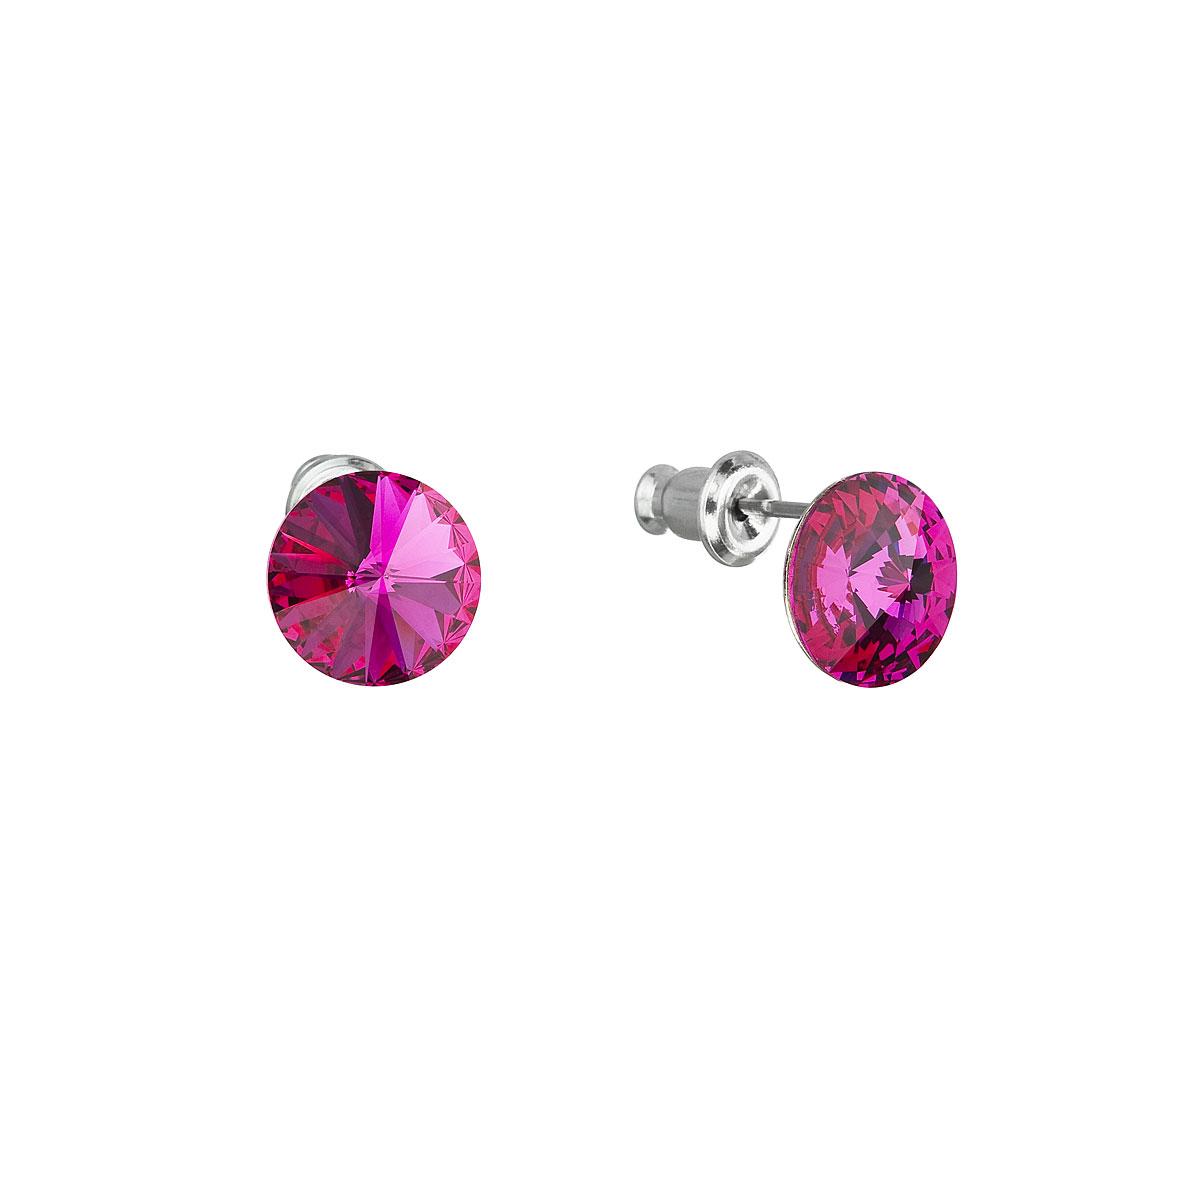 Evolution Group Náušnice se Swarovski krystaly růžové kulaté 51037.3 fuchsia